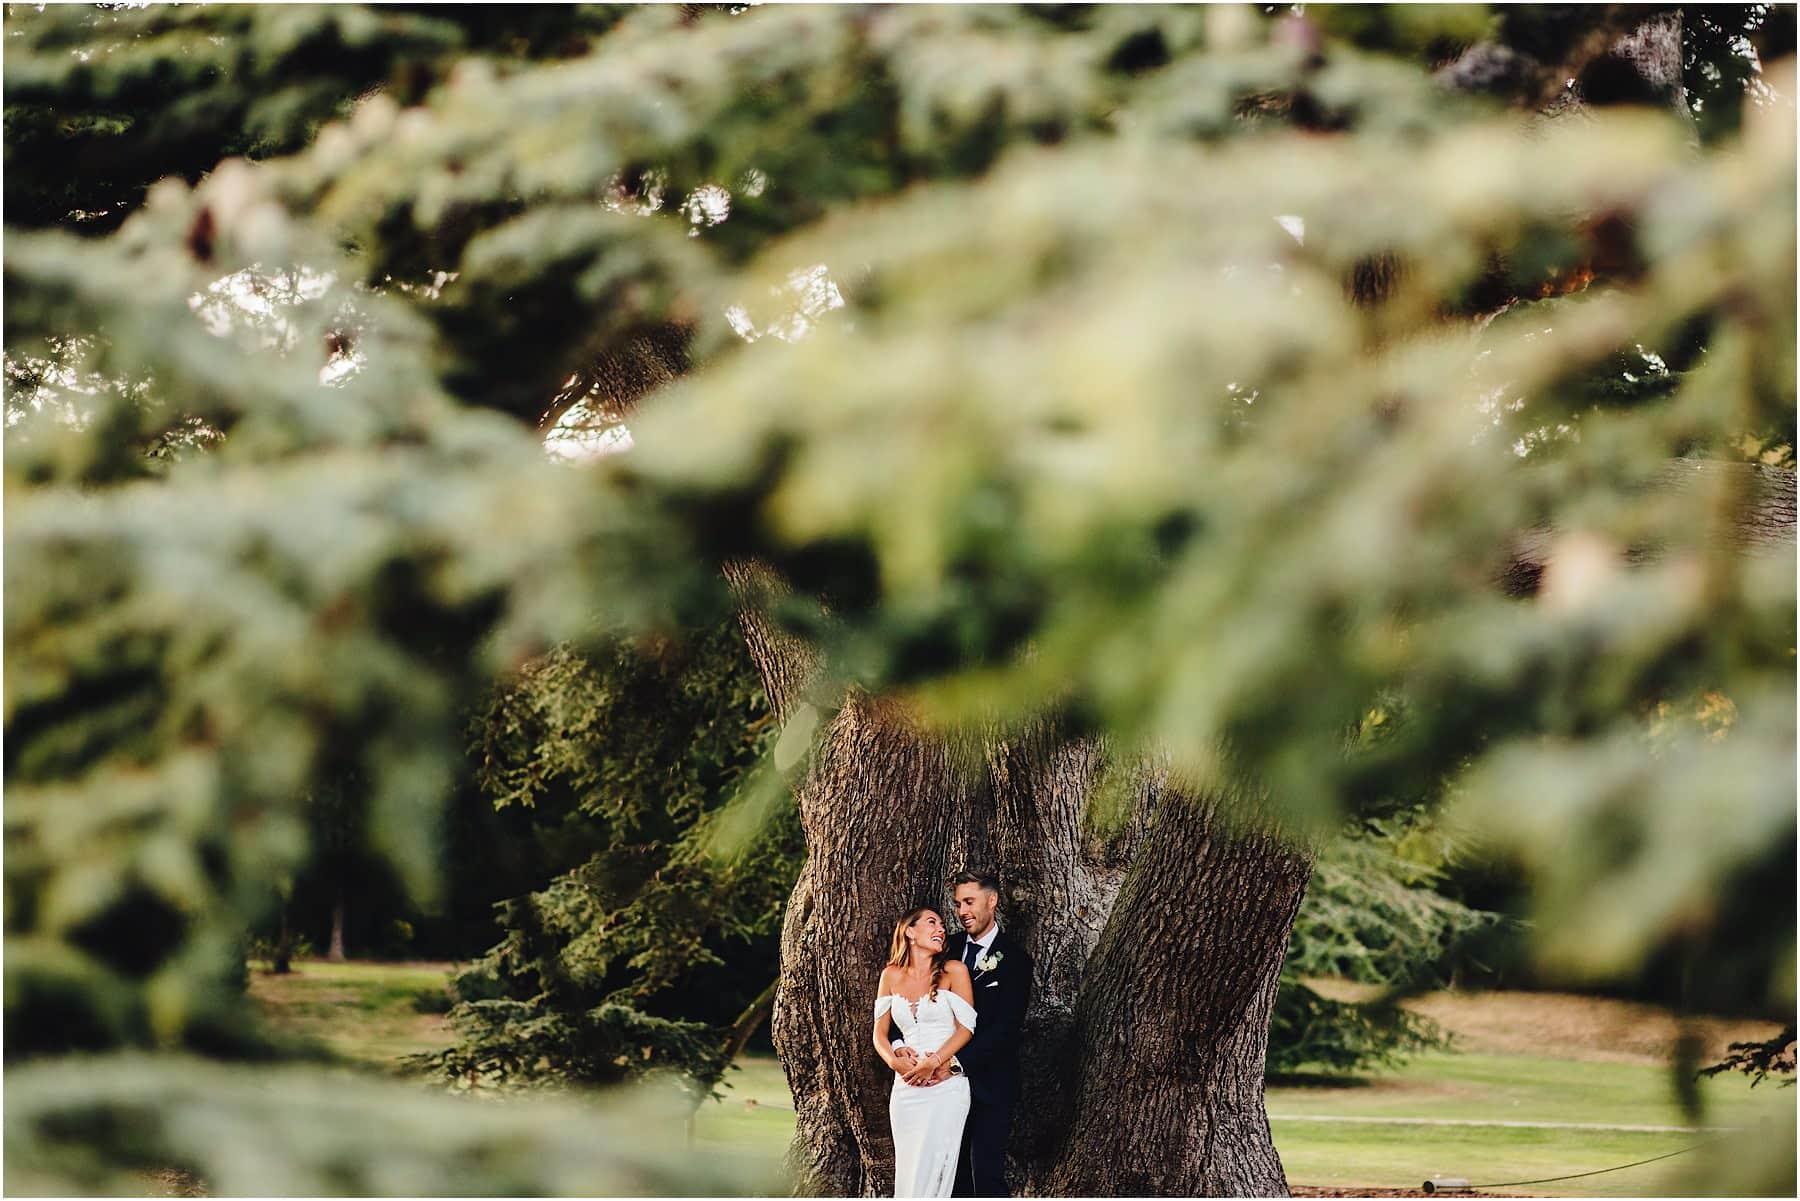 Compton Verney Wedding Photos